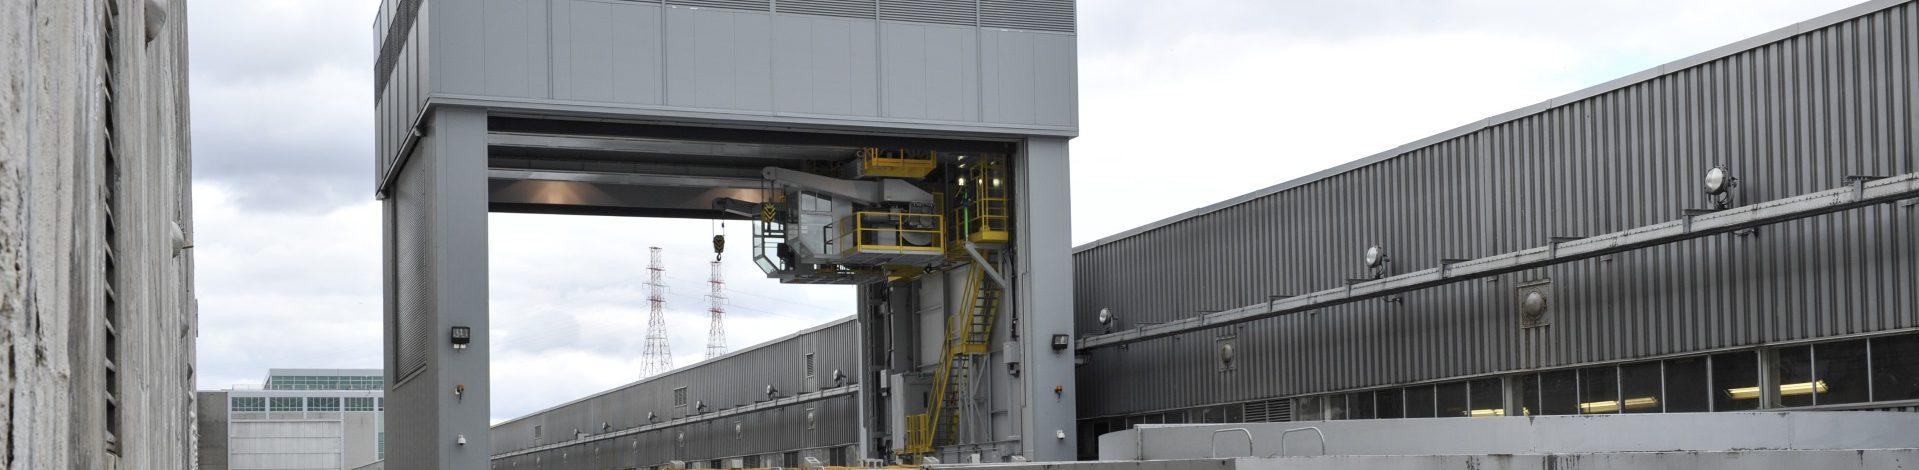 gantry-crane-hydropower